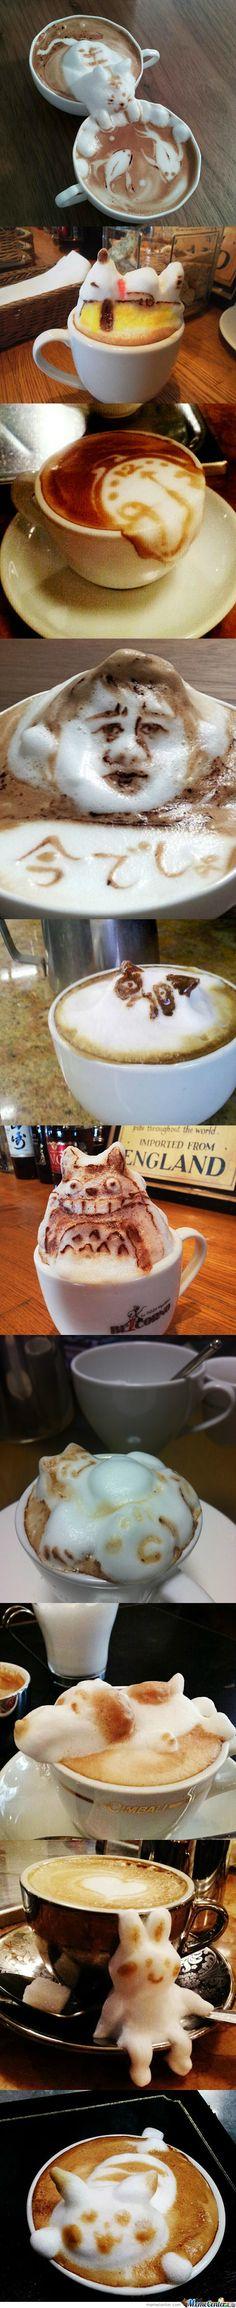 Amazing Latte Art Pictures